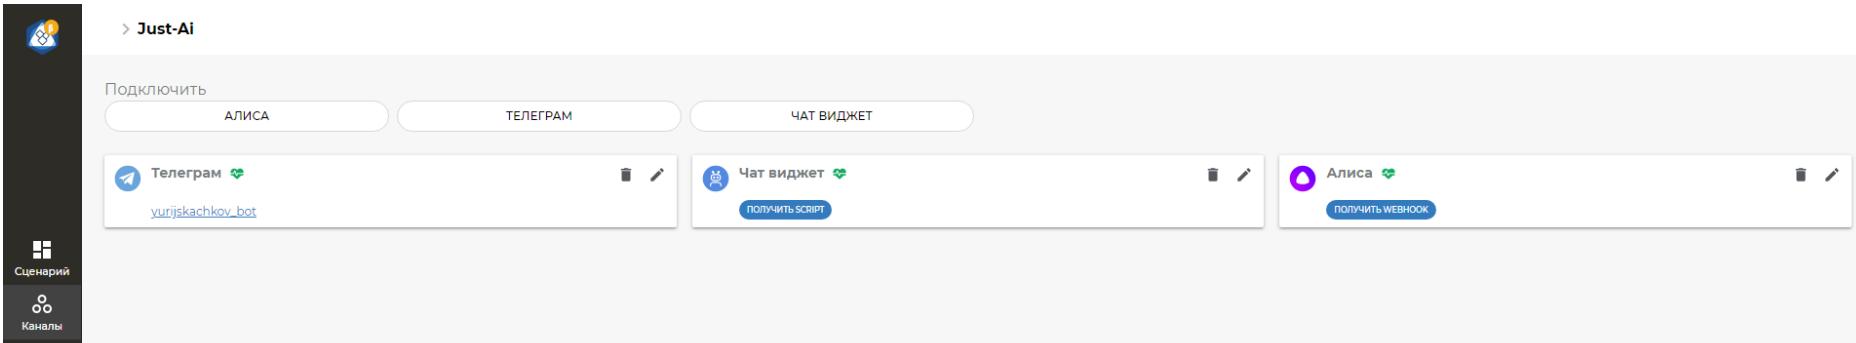 Как создать своего бота без навыков программирования и подключить его к Яндекс.Алисе - 13